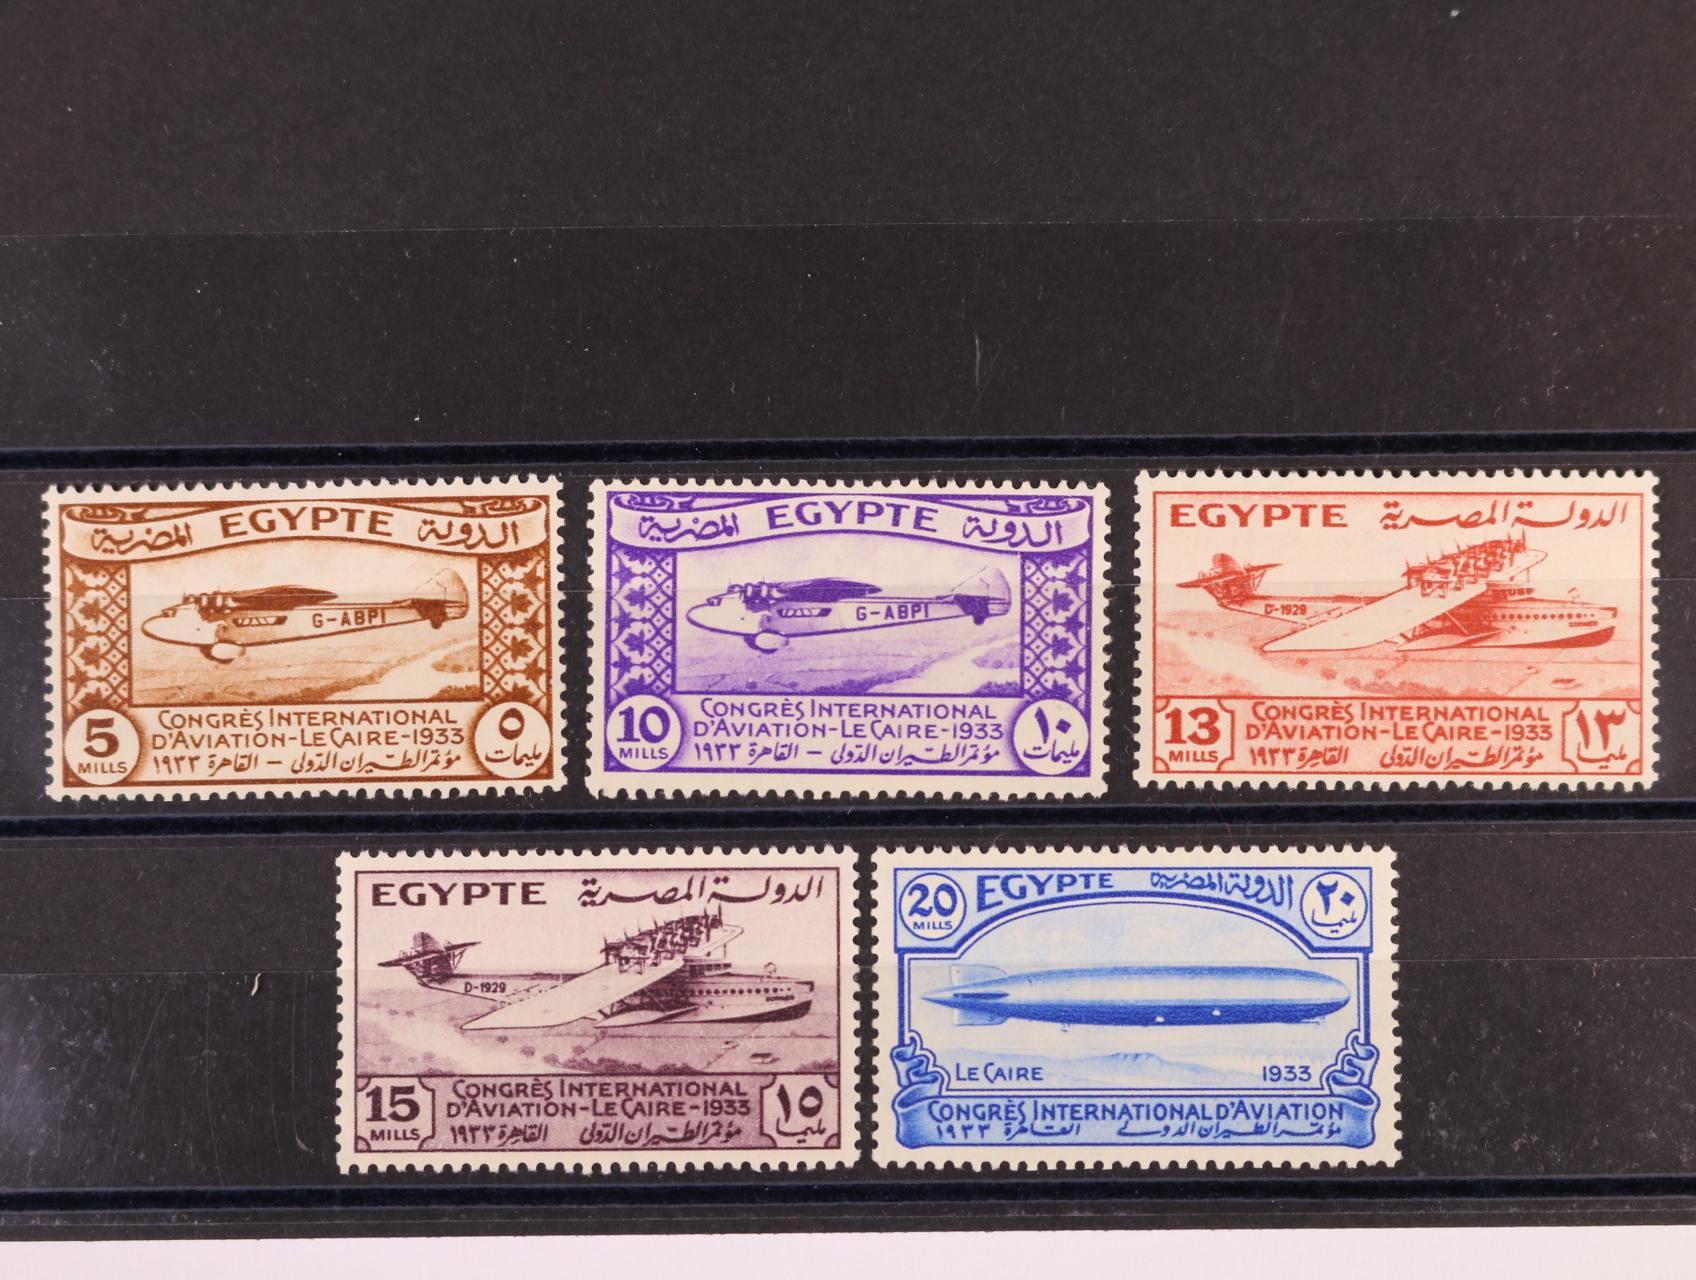 Egypt - zn. Mi. č. 186 - 90 s námětem letadla a vzducholoď